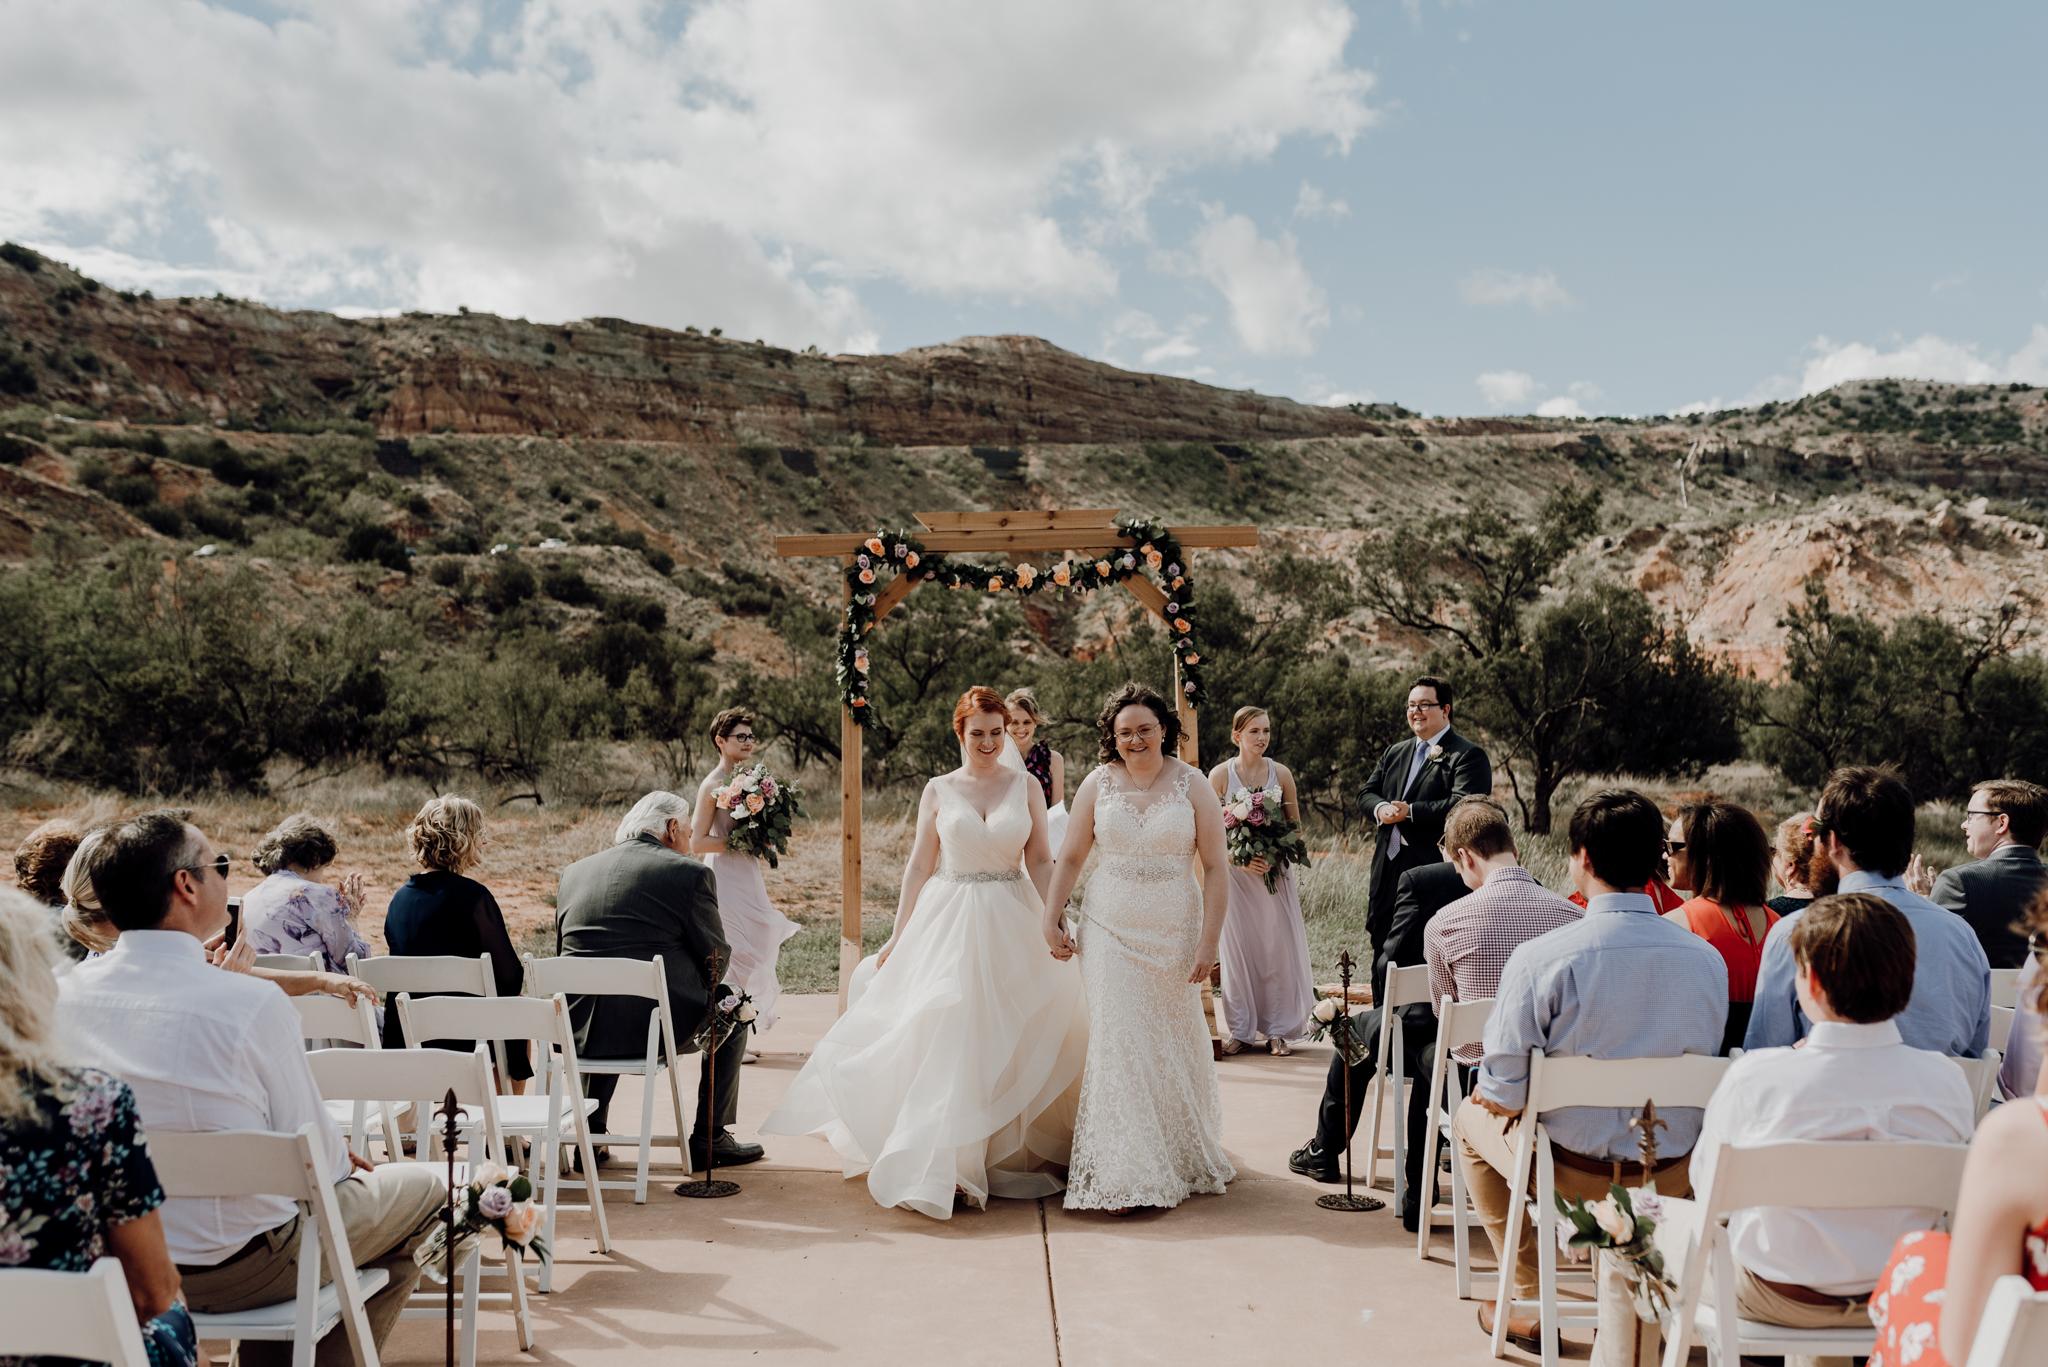 Texas Wedding Photographer-Palo Duro Canyon Sam Sex Wedding- Houston Wedding Photographer -Kristen Giles Photography-30.jpg